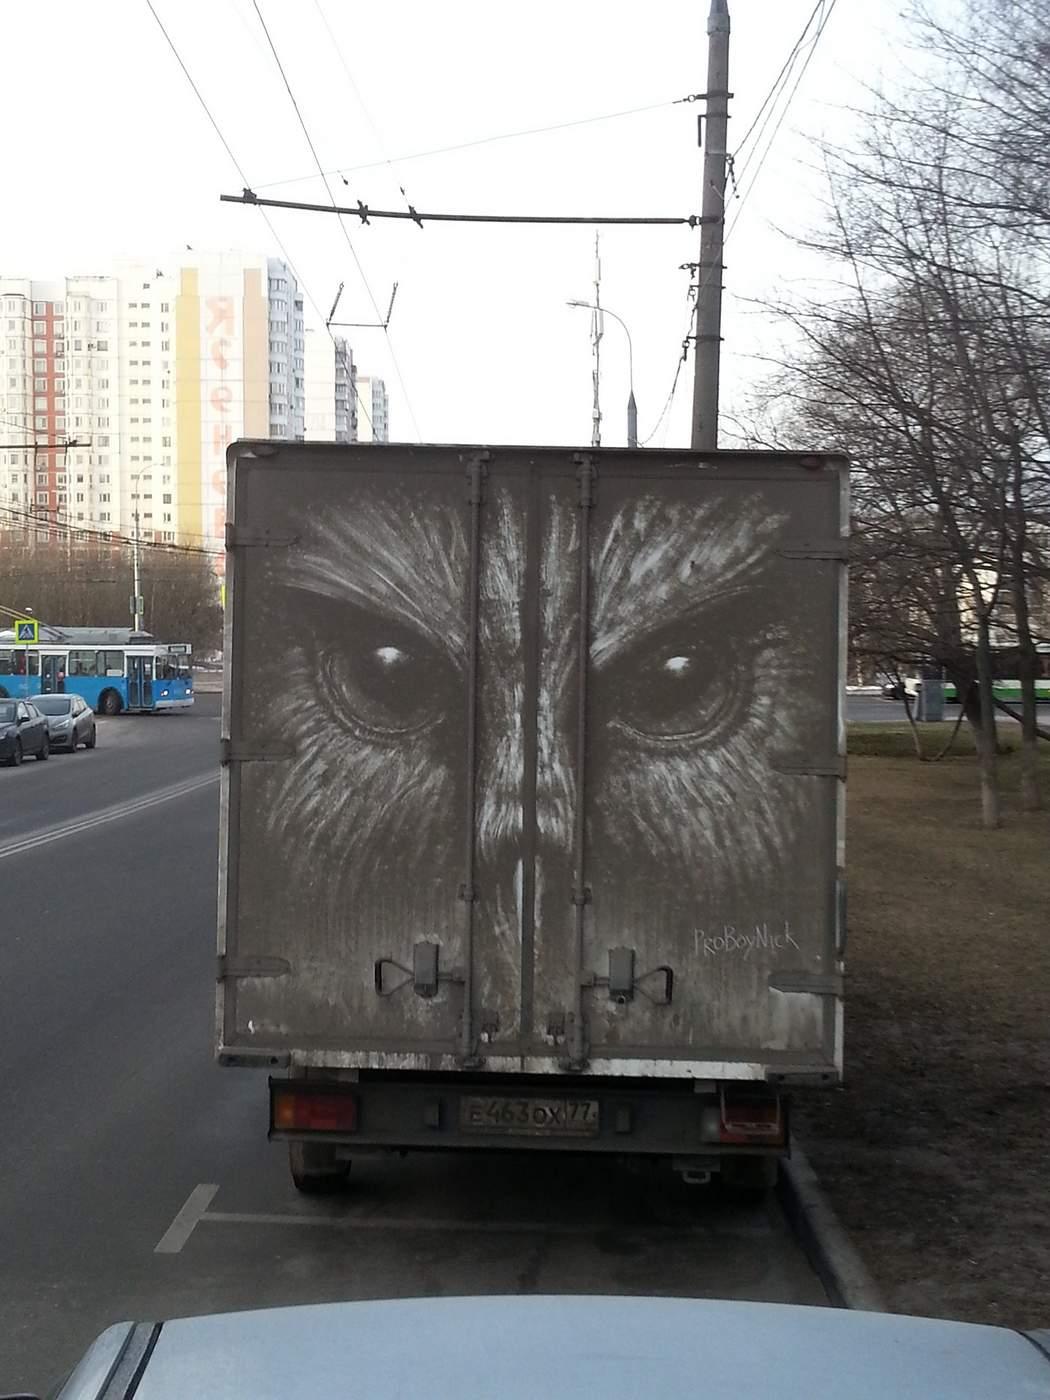 uil op de achterkant van vrachtauto